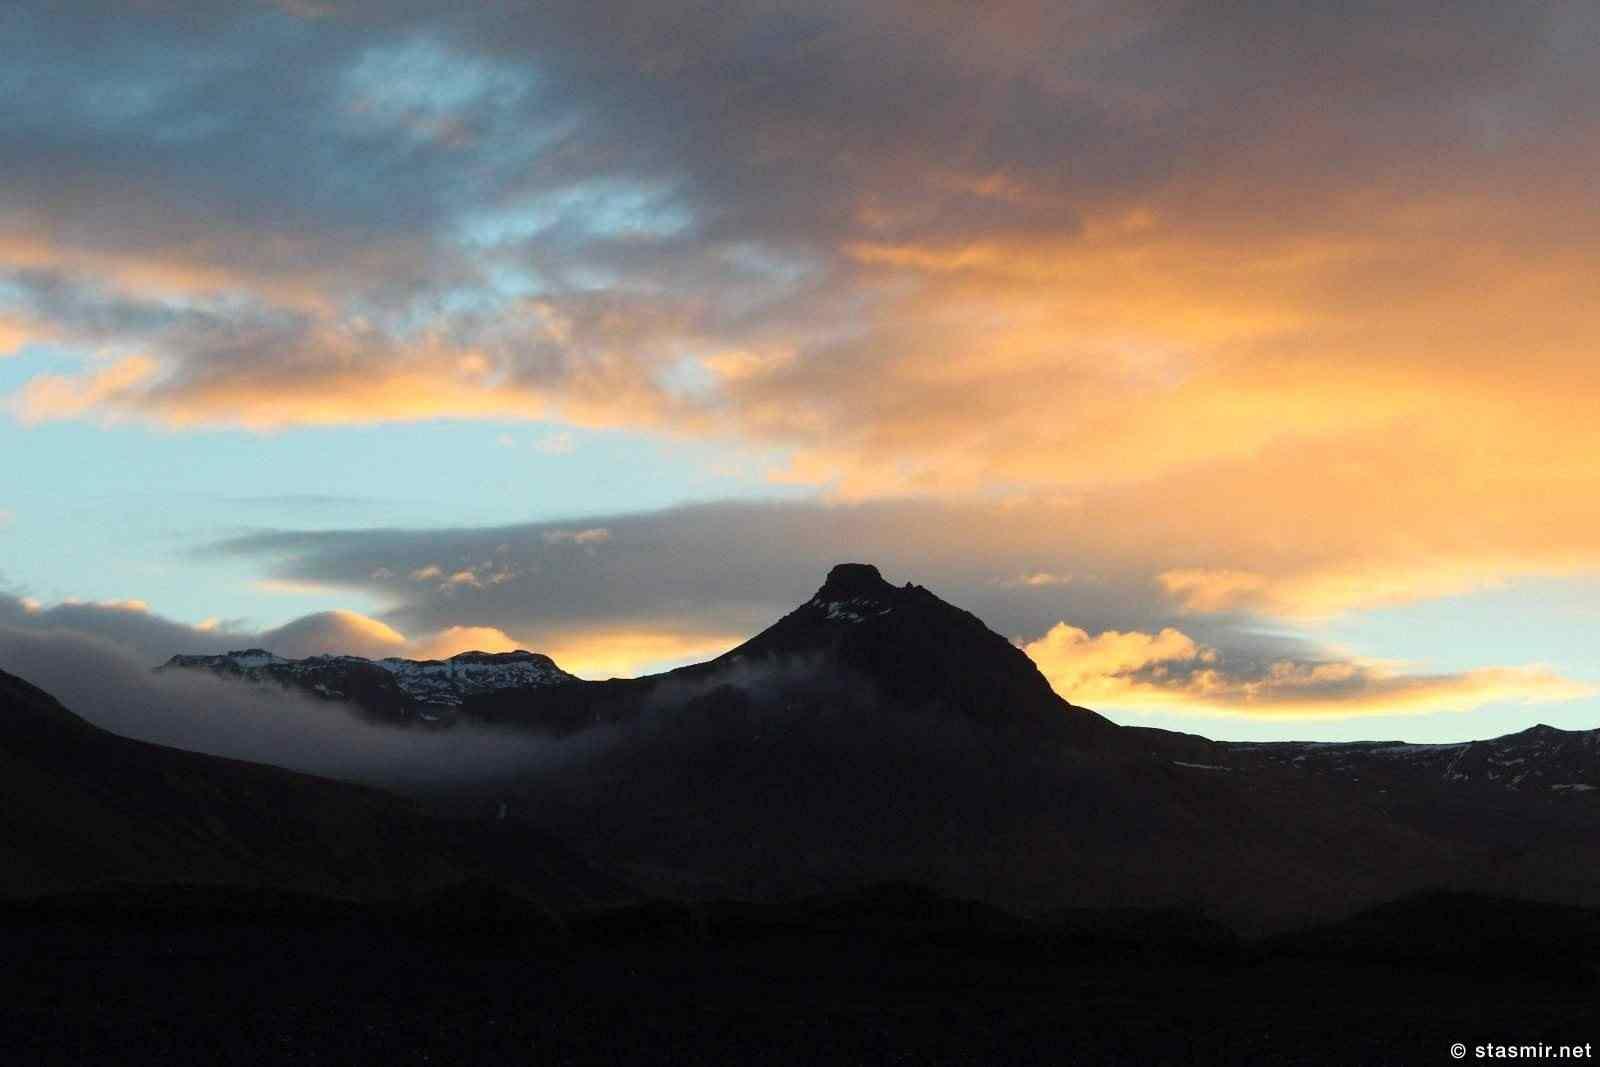 Западная Исландия, Снайфедльснес, фото Стасмир, photo Stasmir, stasmirnet, stasmircom